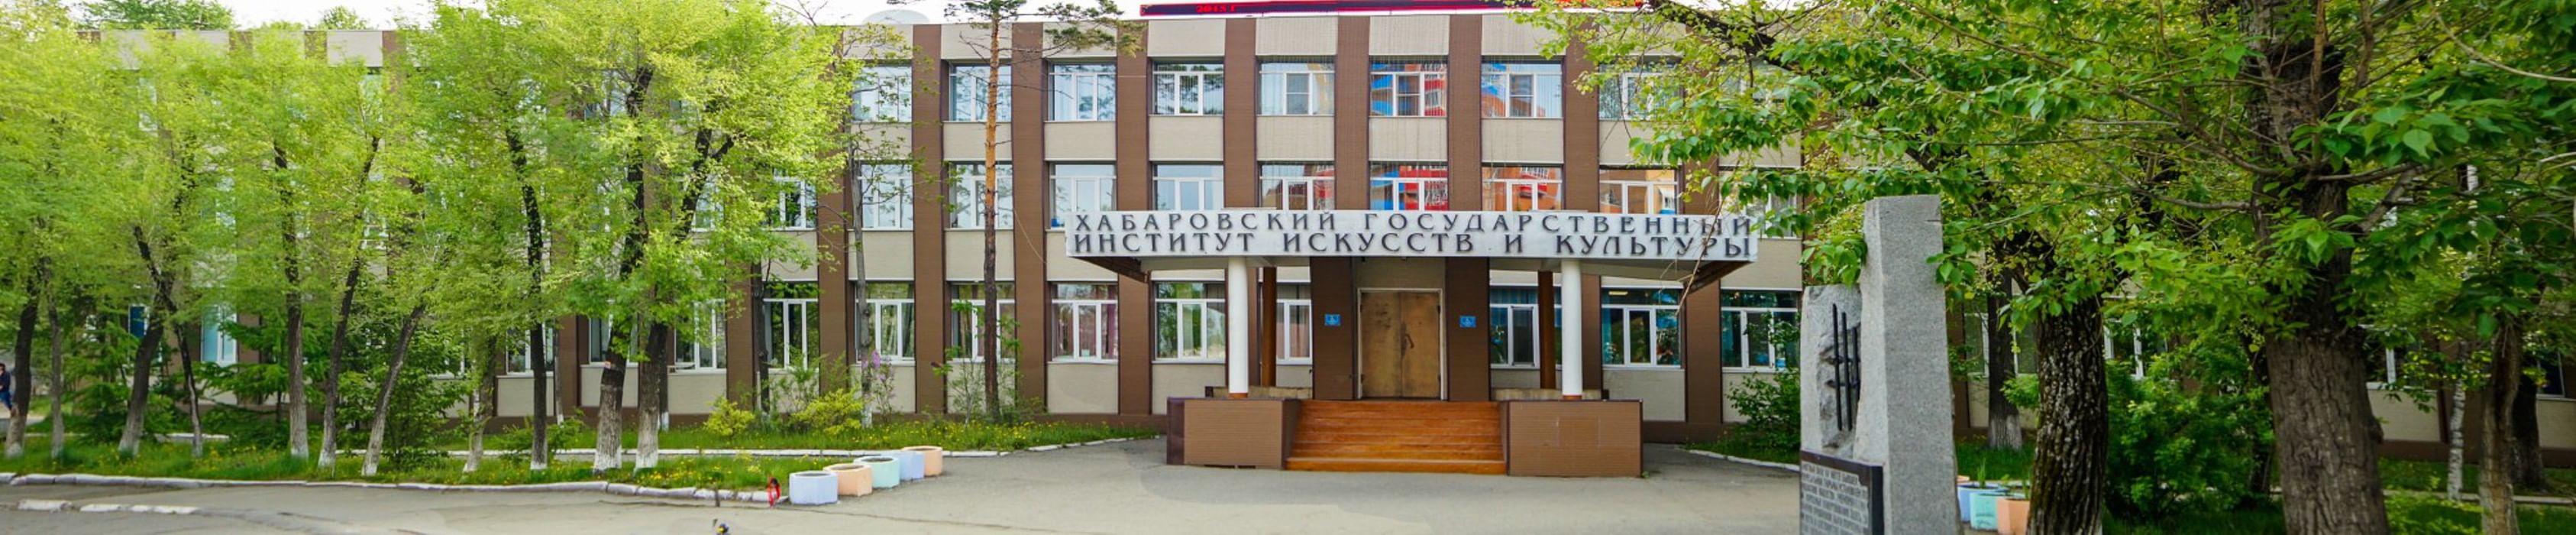 Картинки по запросу Хабаровский государственный институт культуры